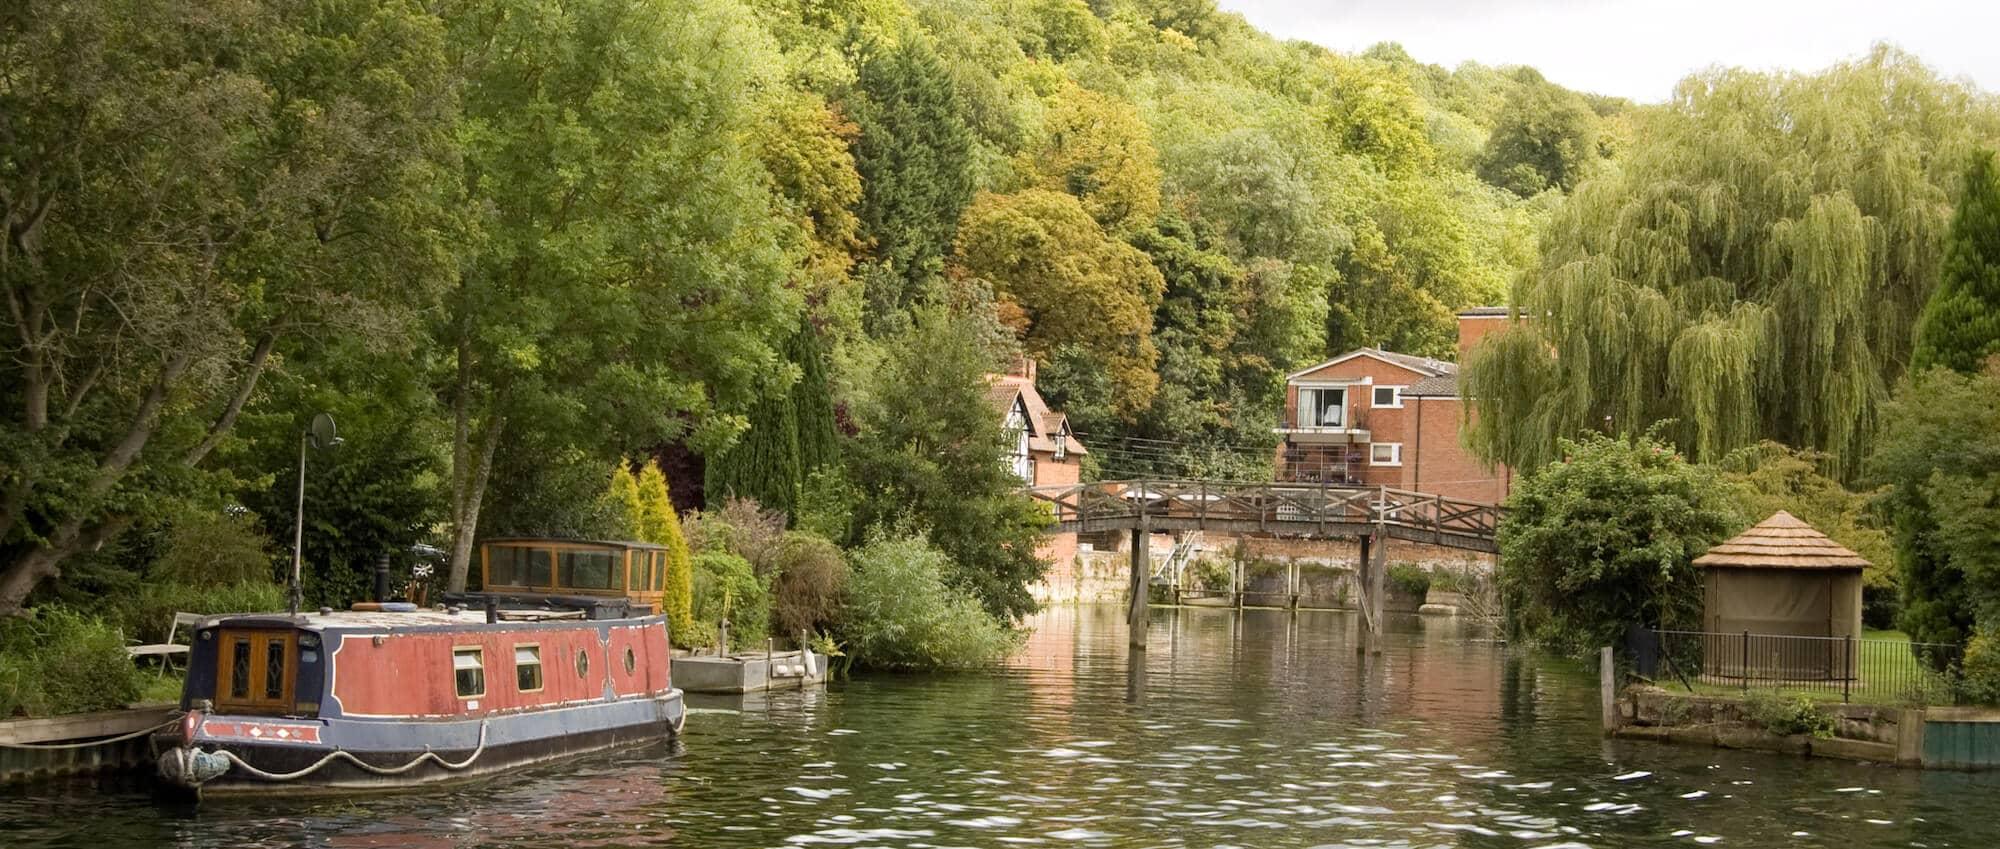 thames path walking holiday - boat